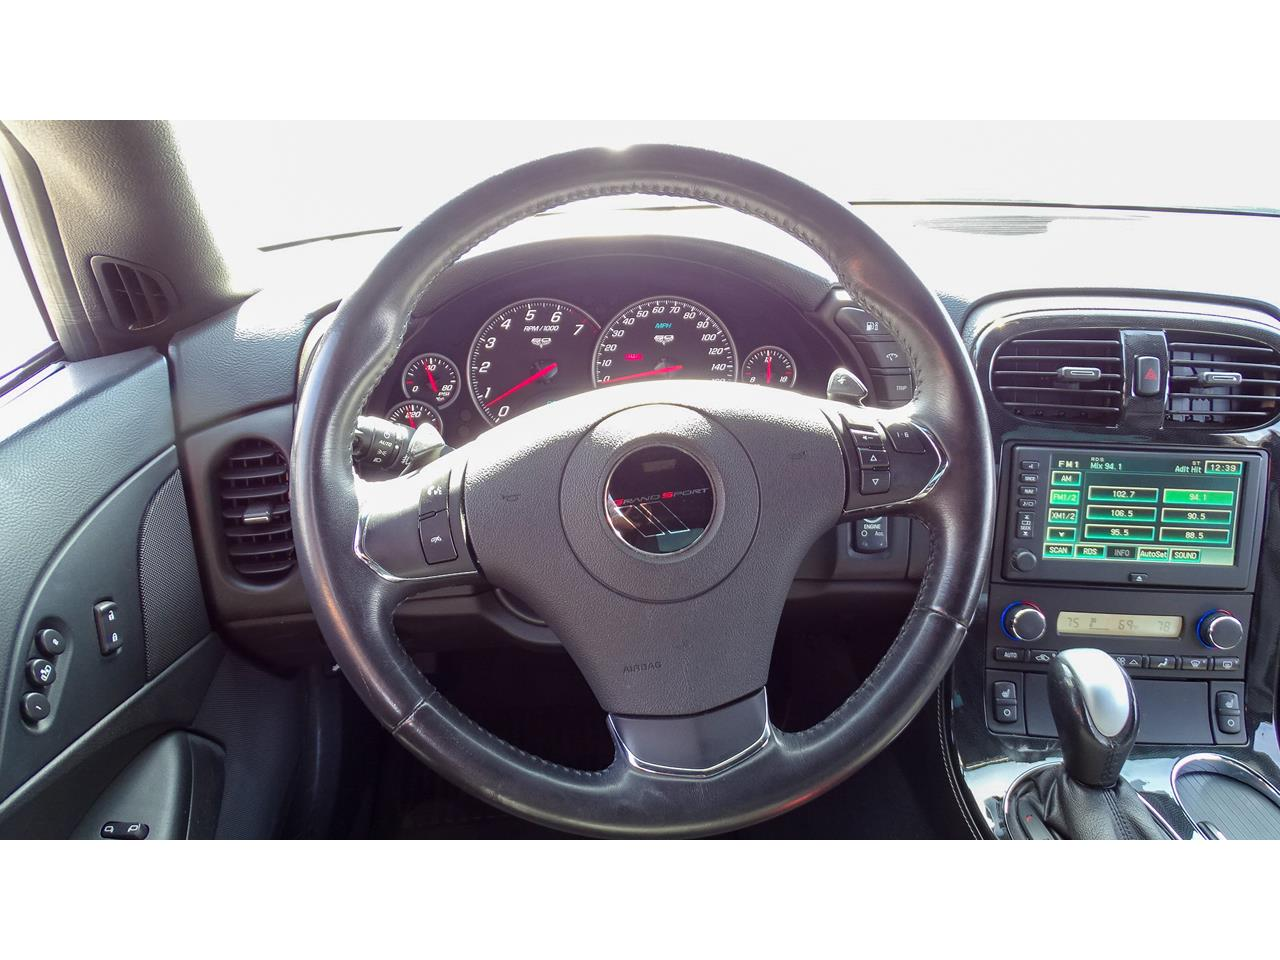 2013 Chevrolet Corvette (CC-1341901) for sale in O'Fallon, Illinois